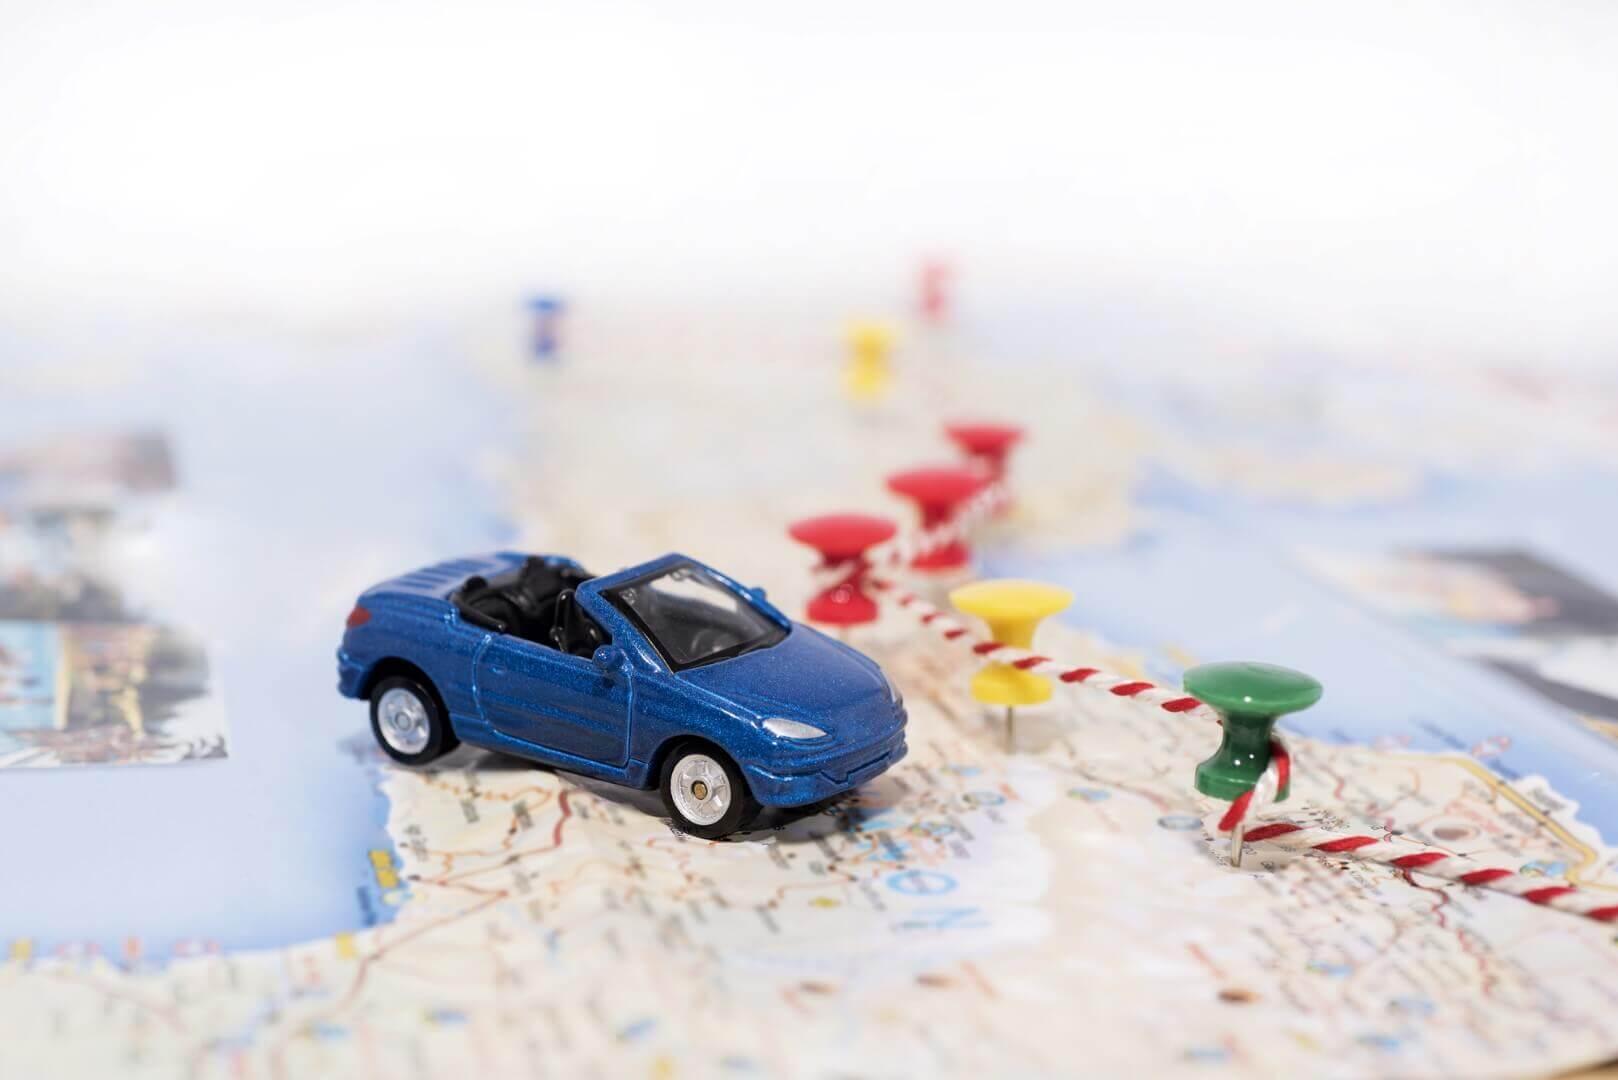 قائمة بالسيارات المستأجرة المناسبة لرحلات الأسرة الصغيرة